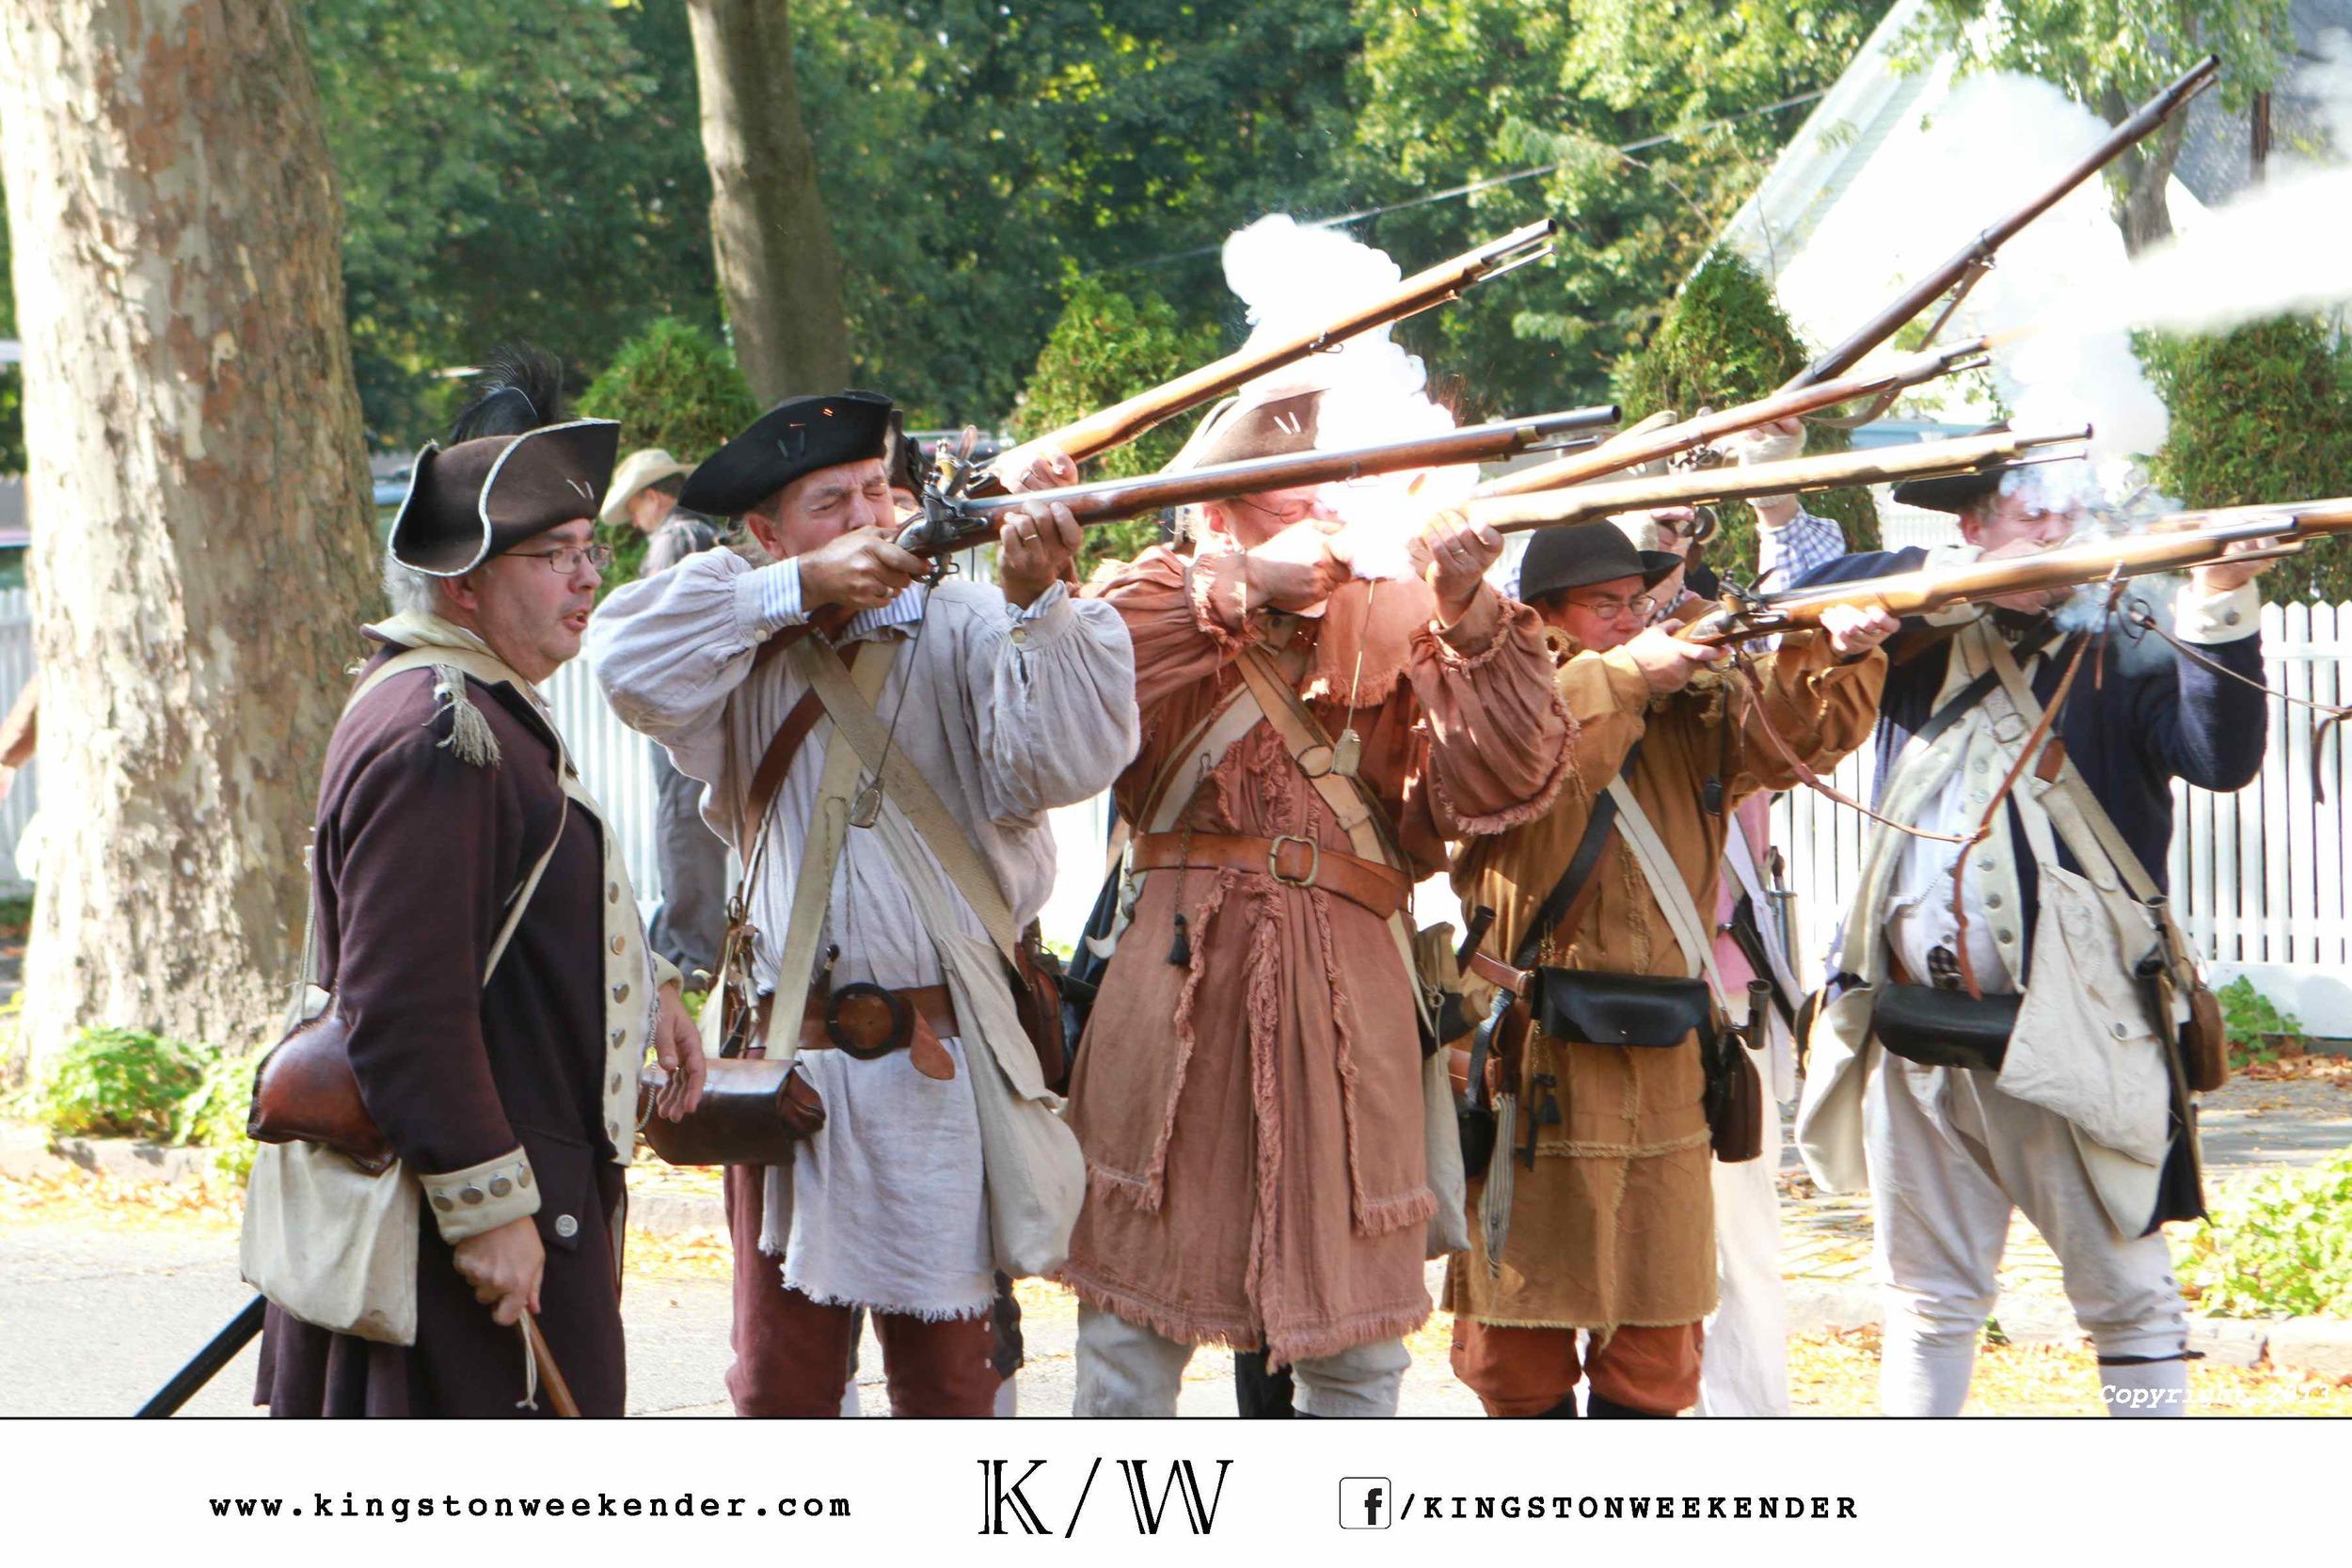 kingston-weekender-photo-credits33.jpg